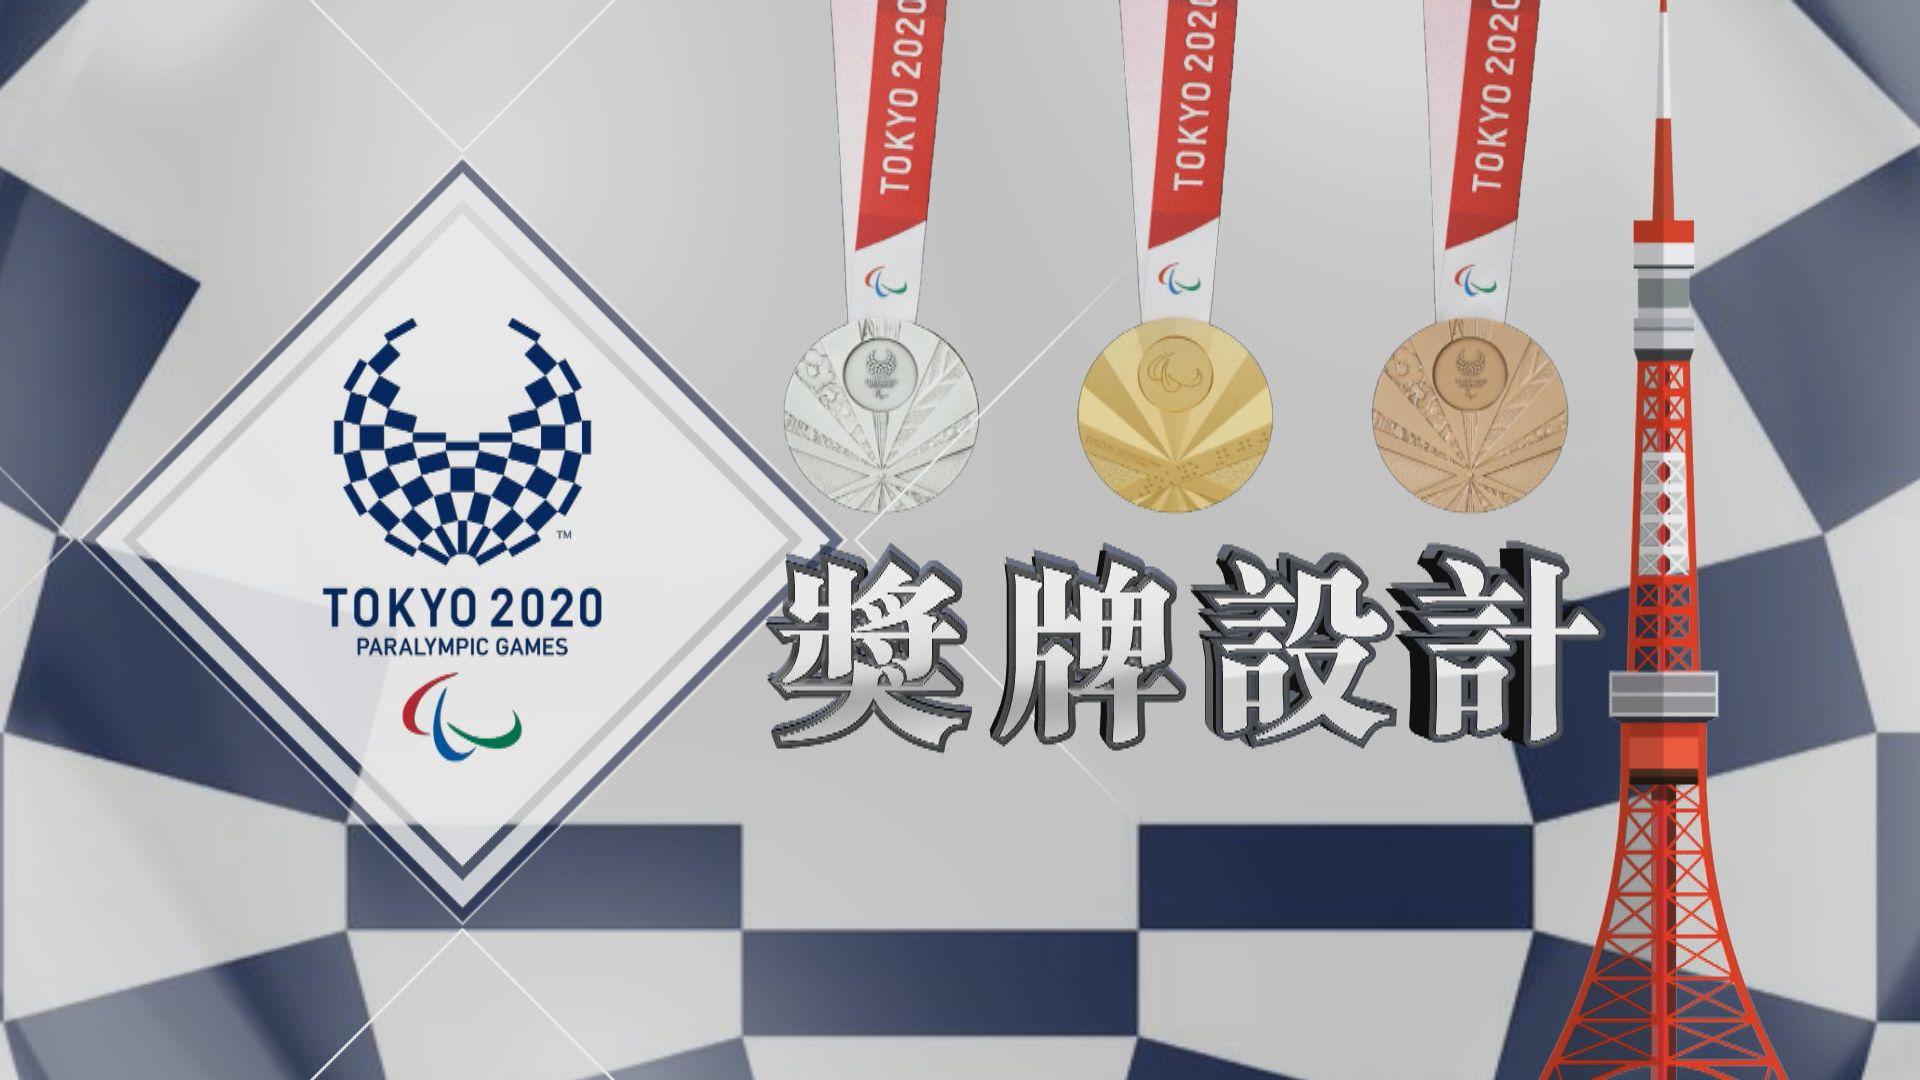 【新聞智庫】東京殘奧獎牌設計特色